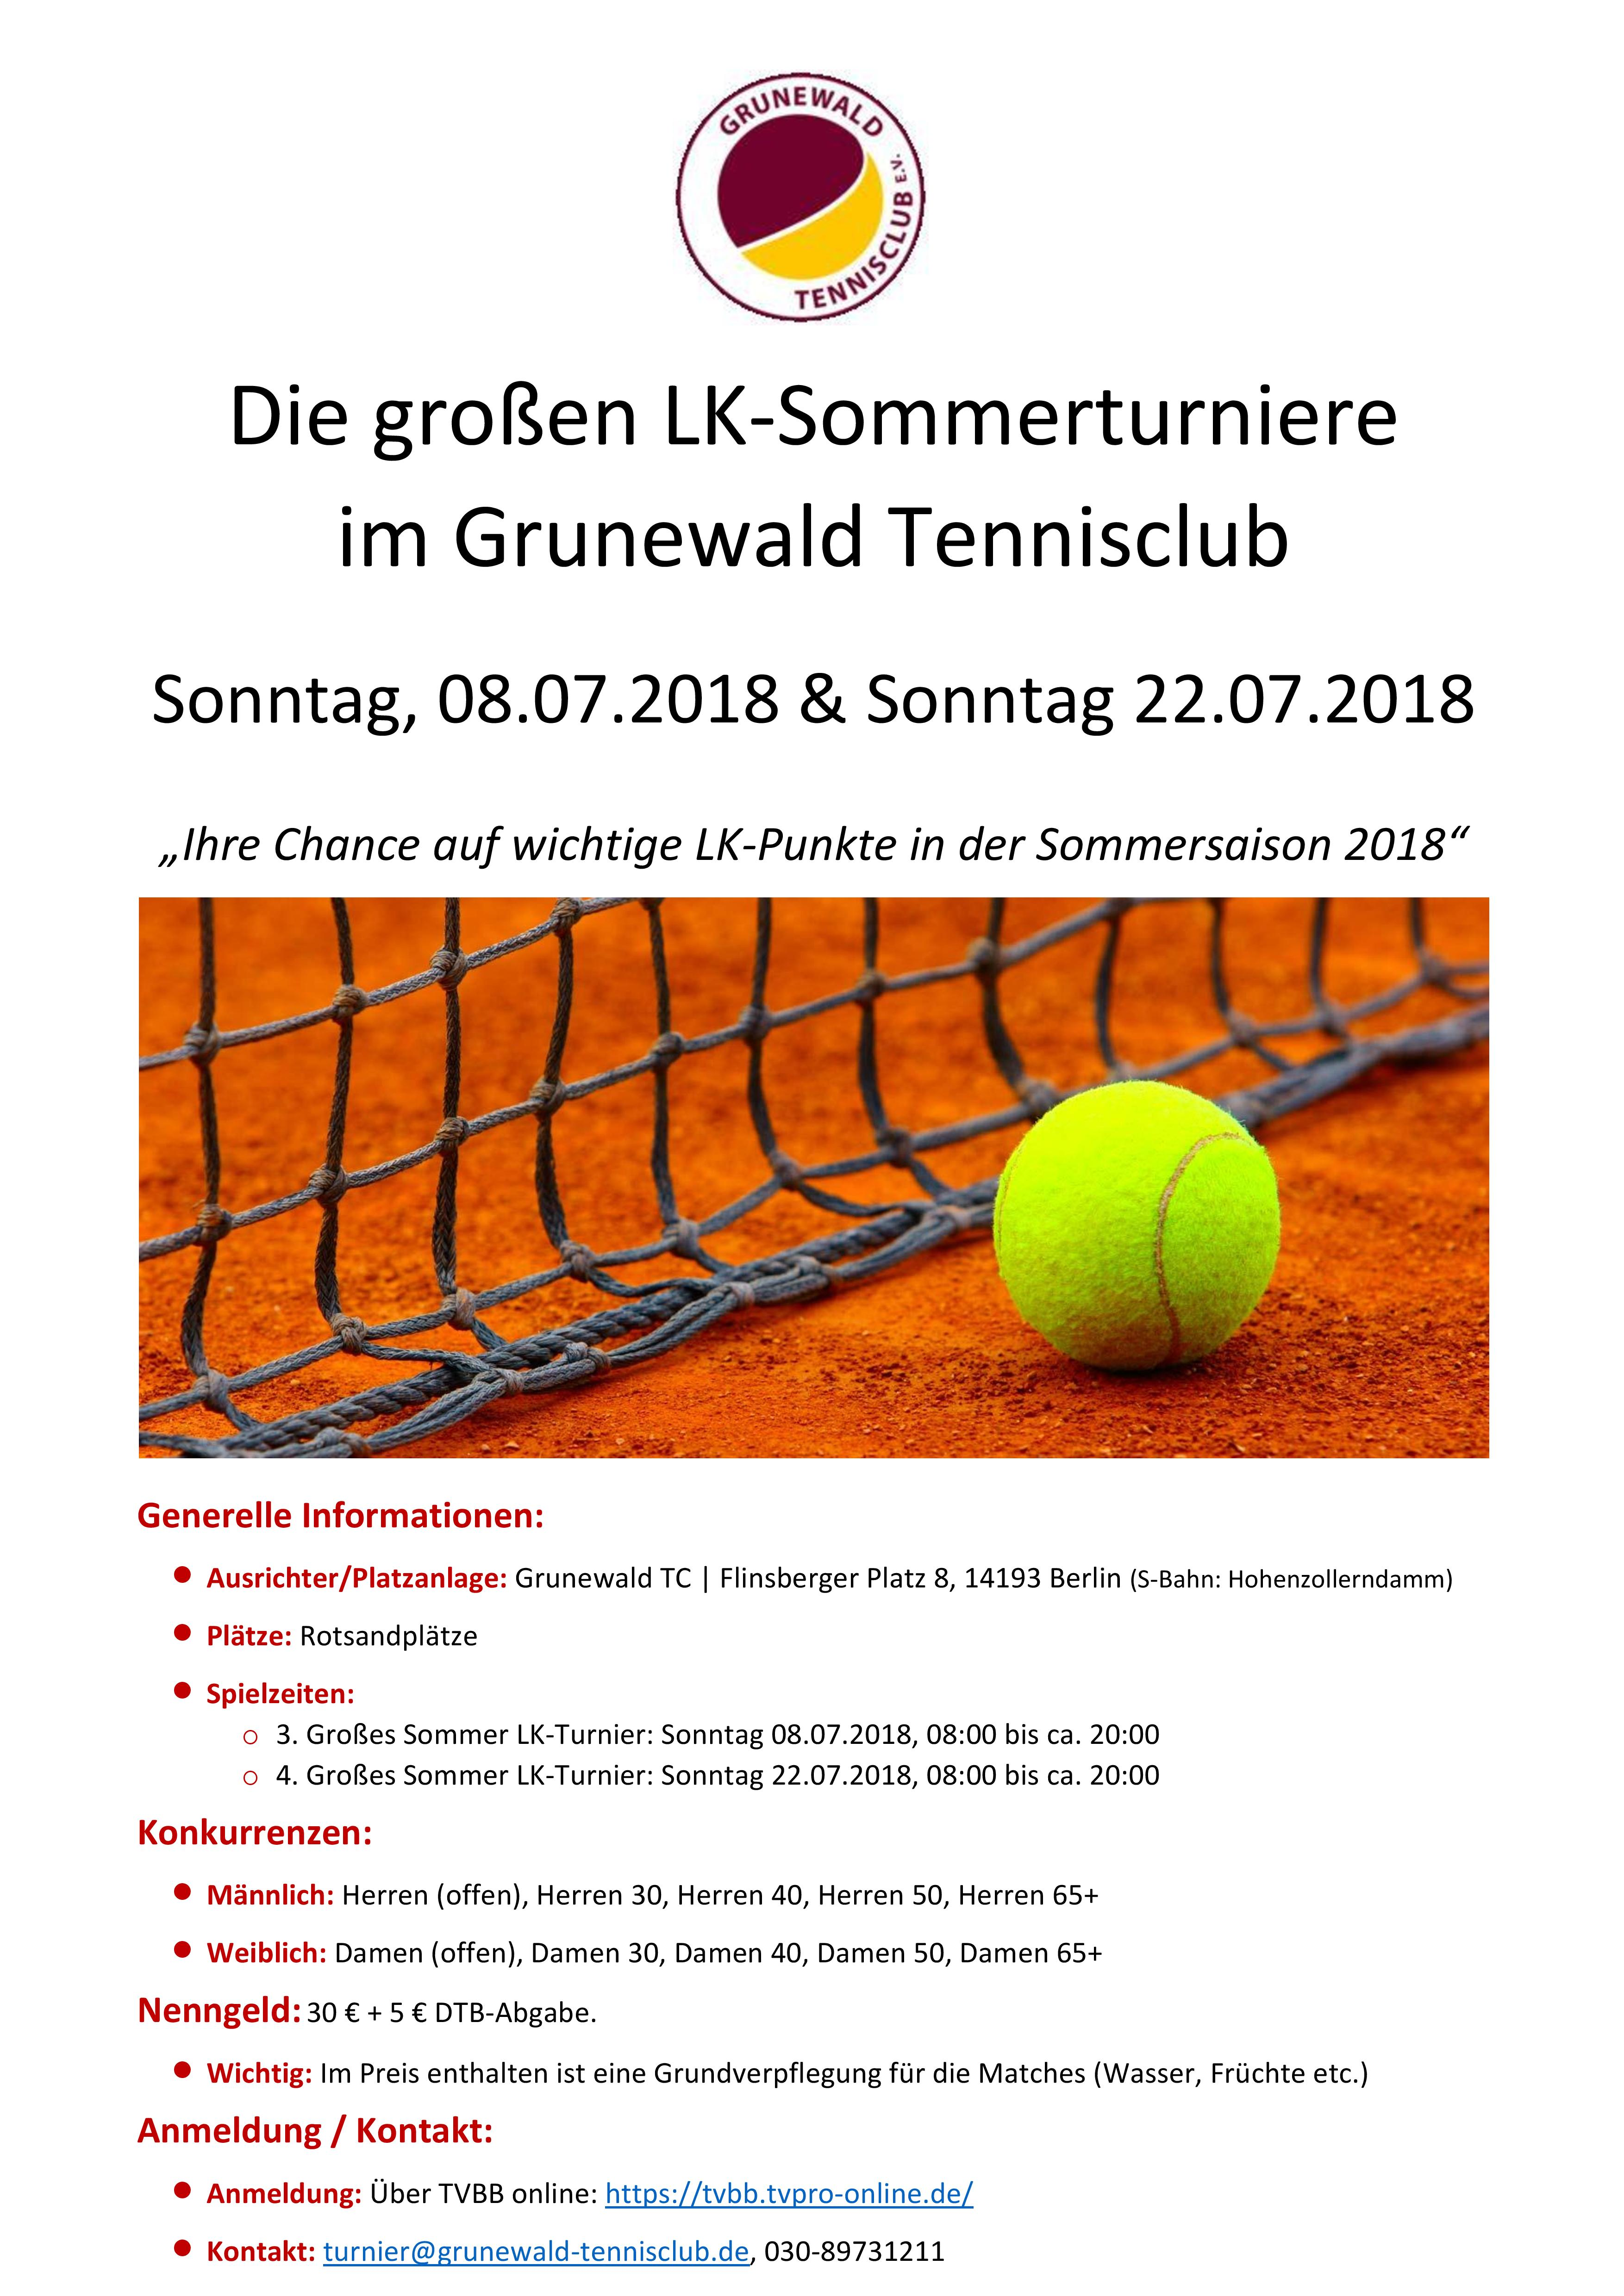 1. LK-Sommerturnier 2018